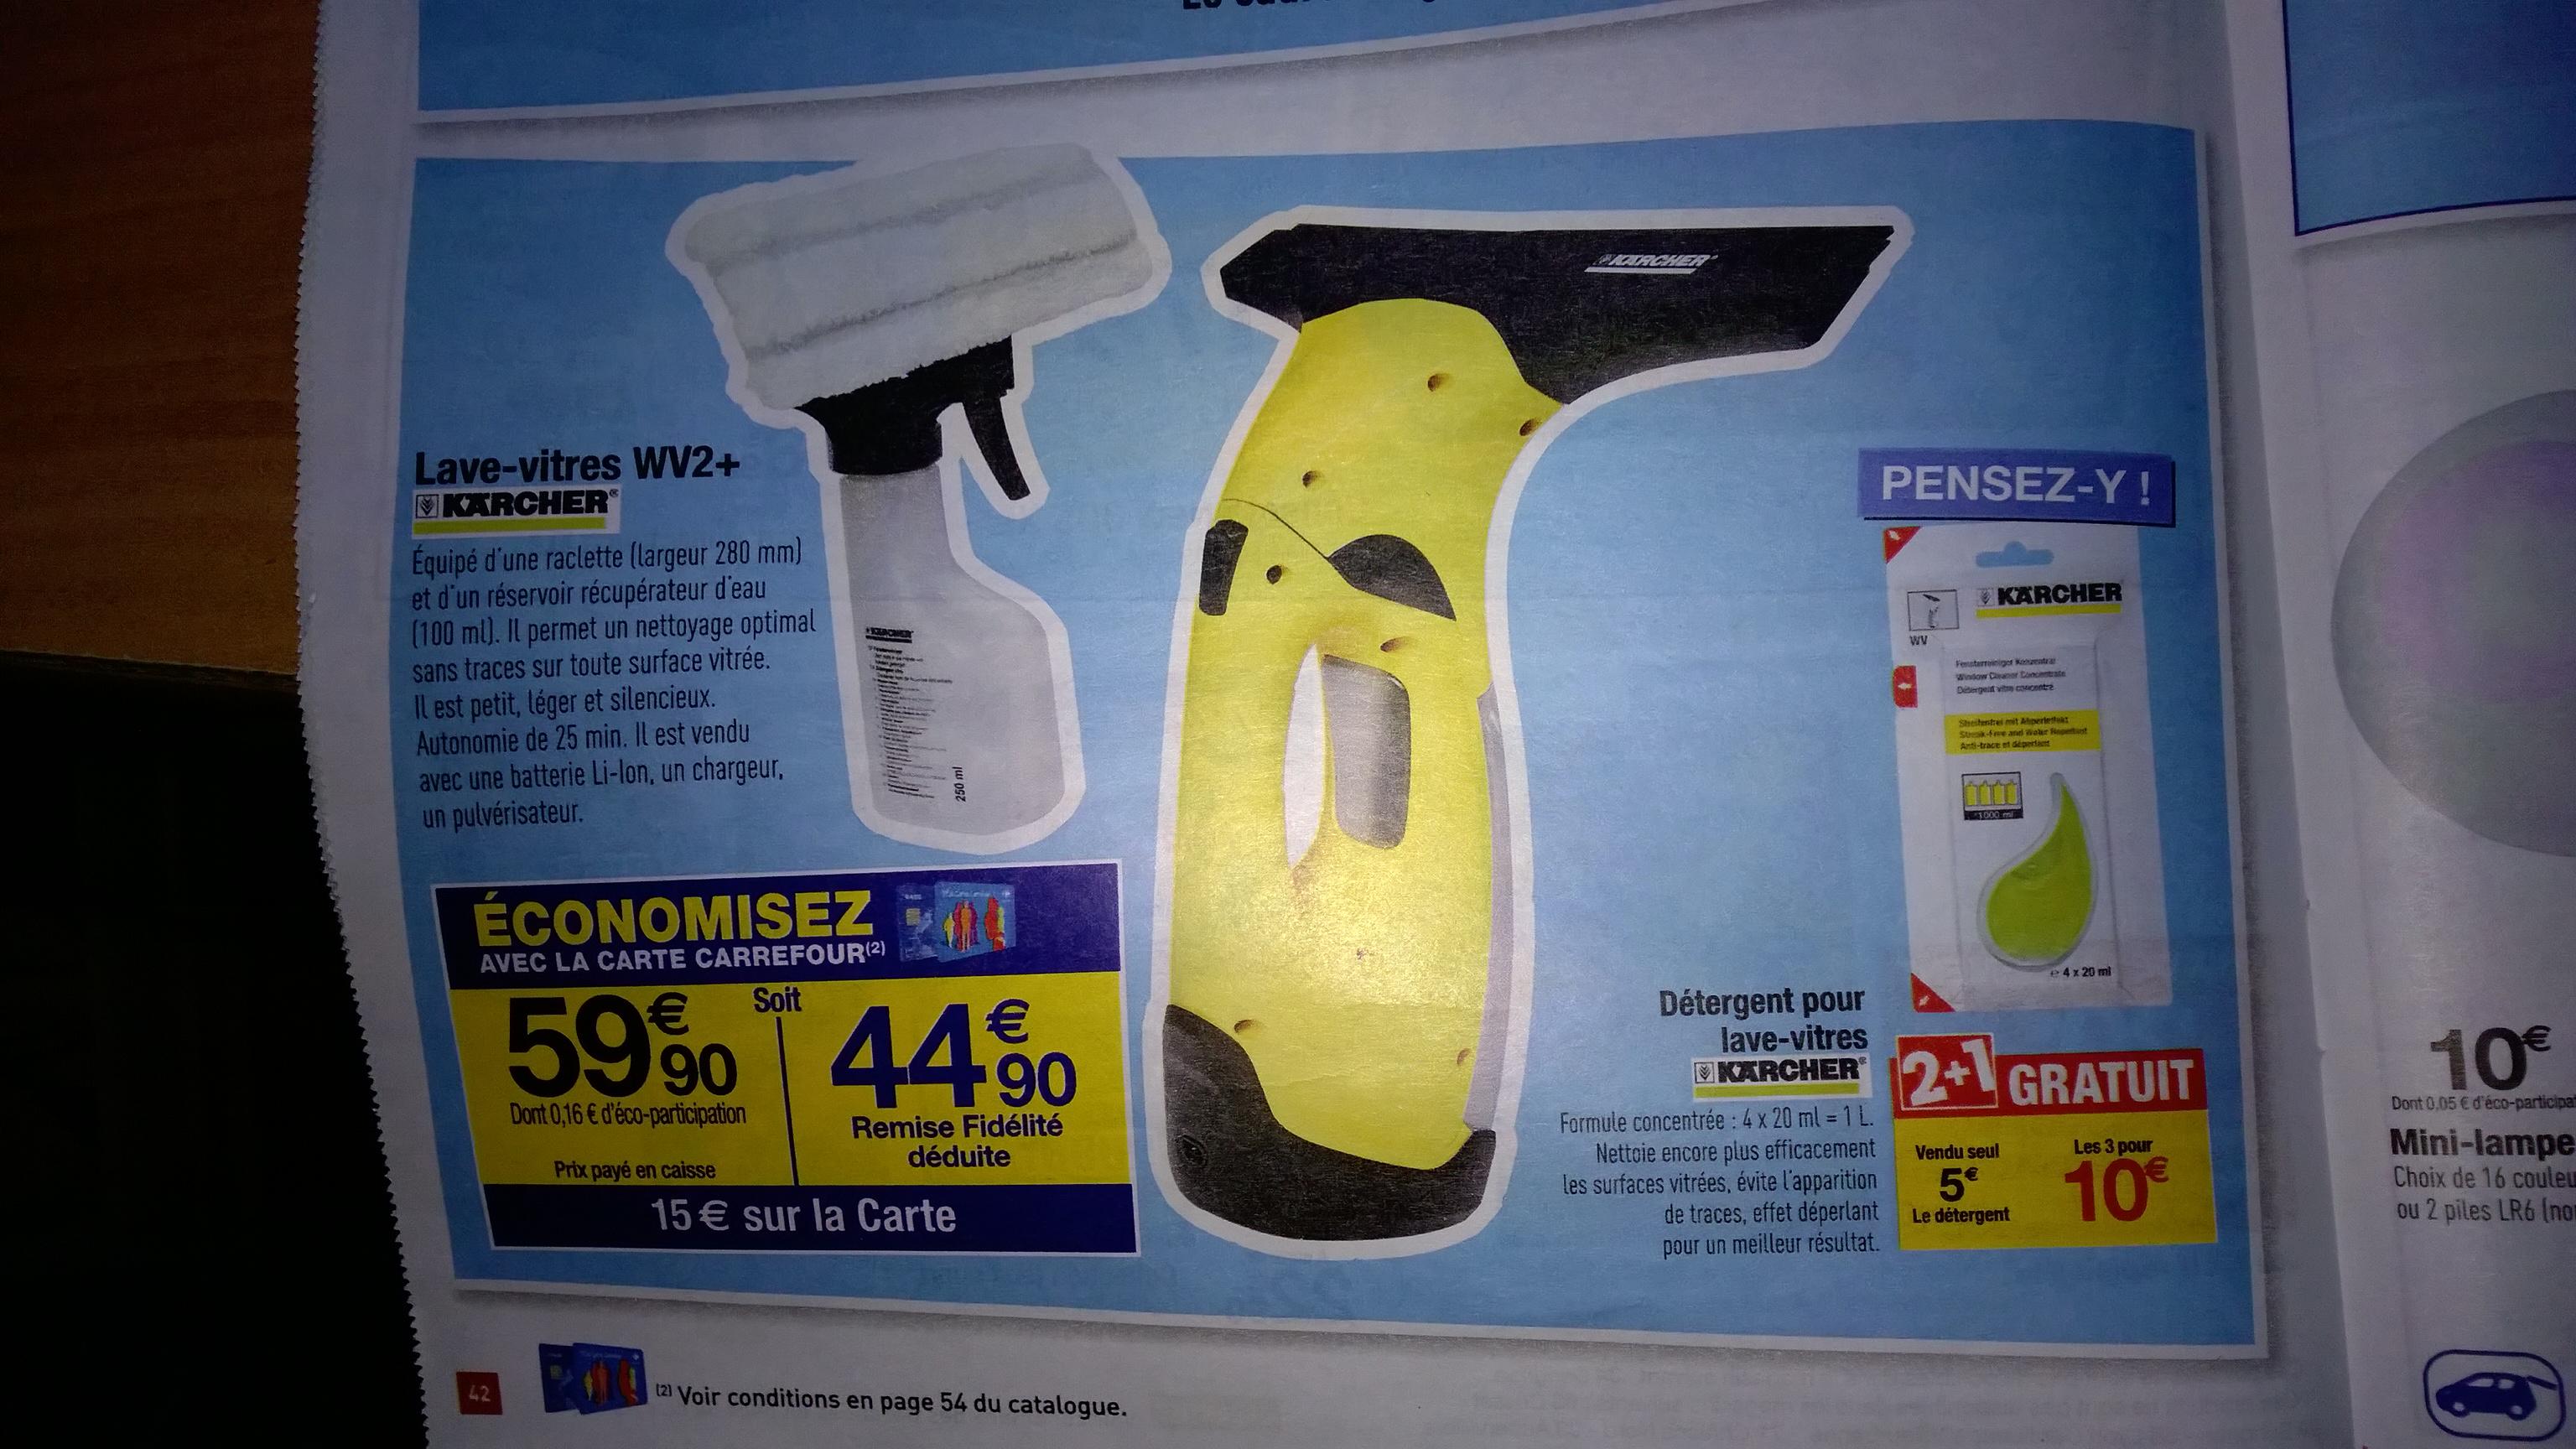 Nettoyeur de vitres Kärcher WV2+ avec Pulvérisateur 2 en 1 inclus (15€ sur carte)